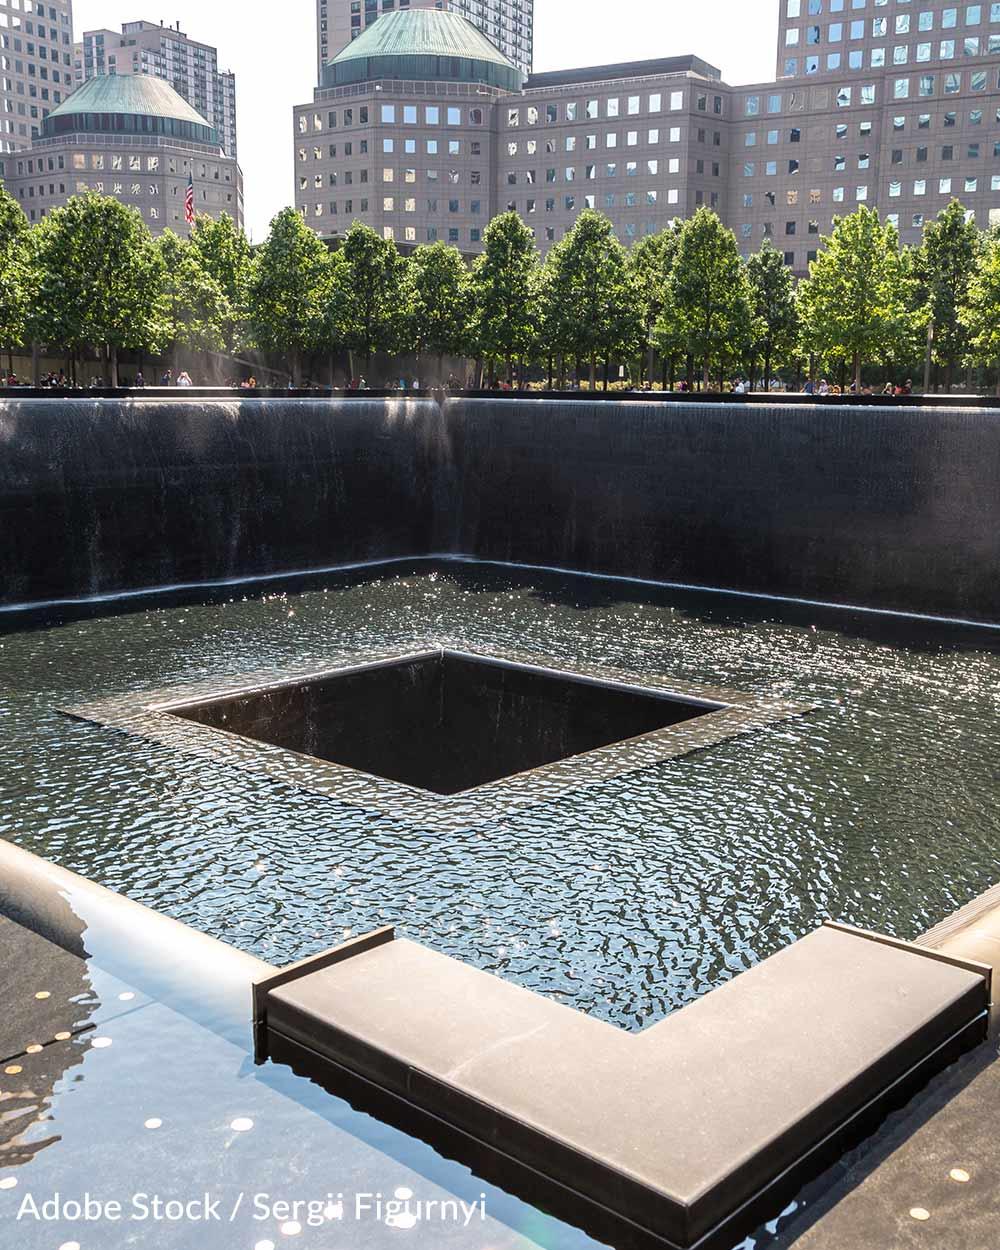 The 9/11 Memorial & Museum at Ground Zero.